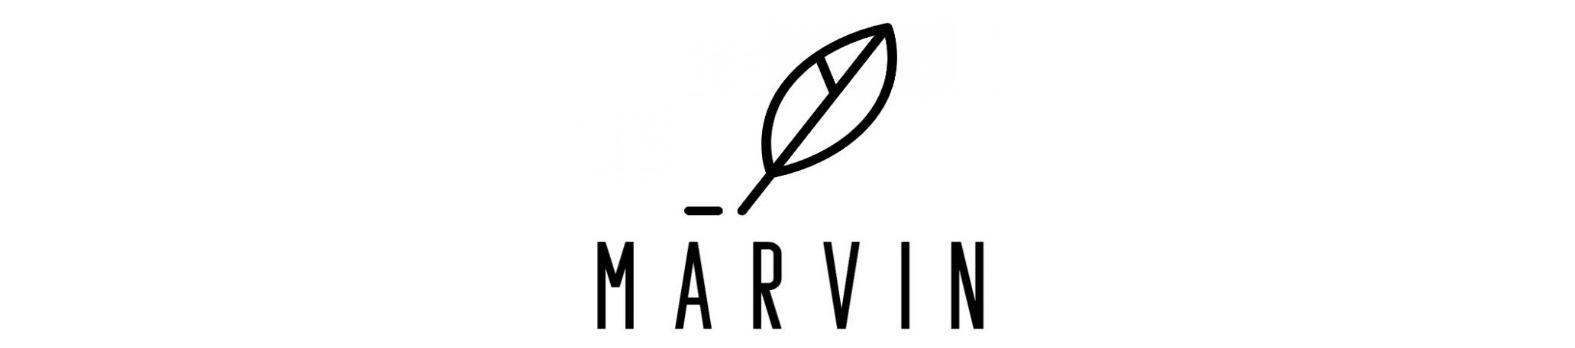 marvin_banner3.jpg